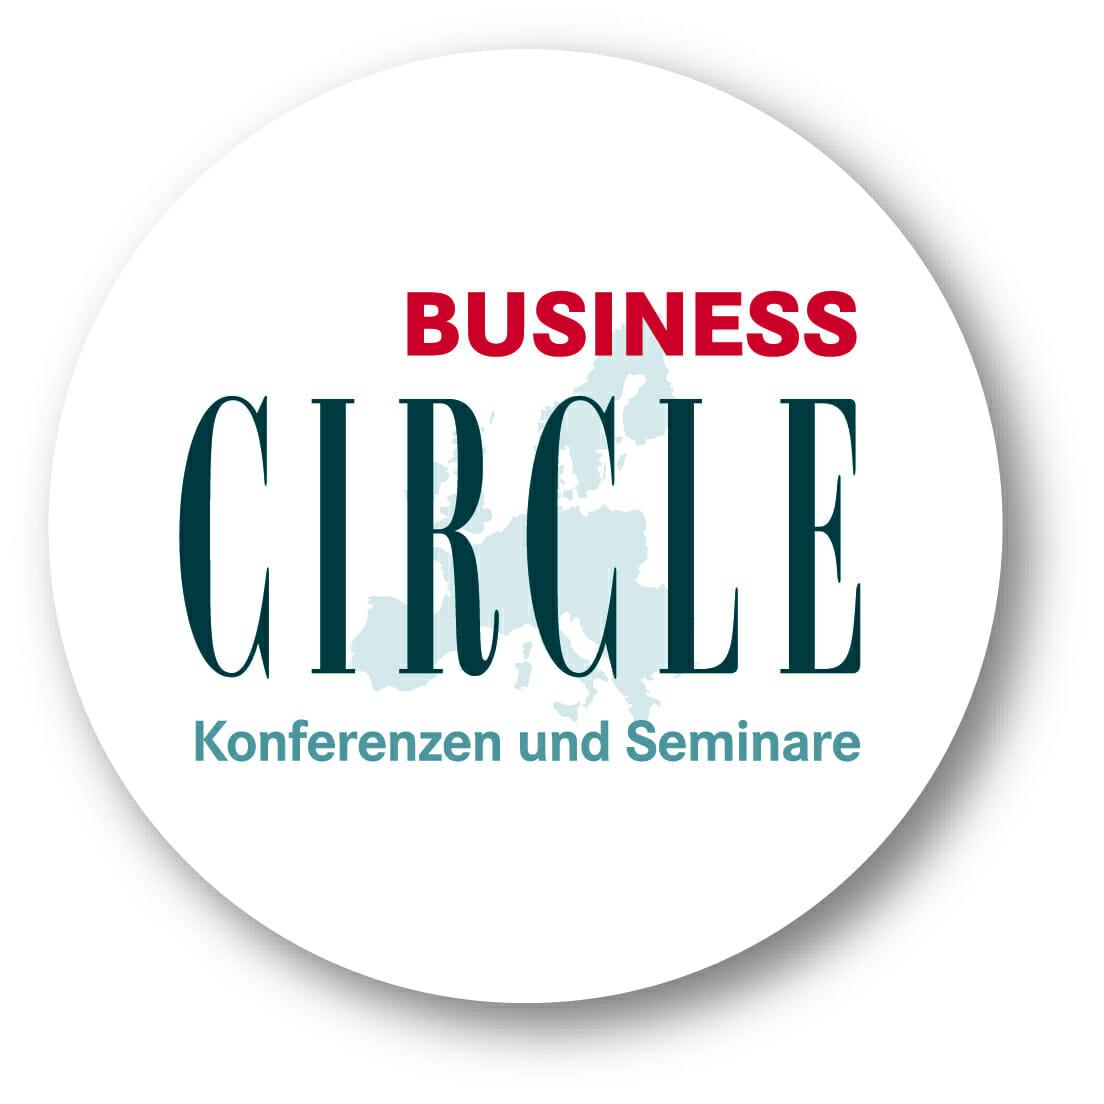 bc_logo_mit_schatten_ohne_slogan